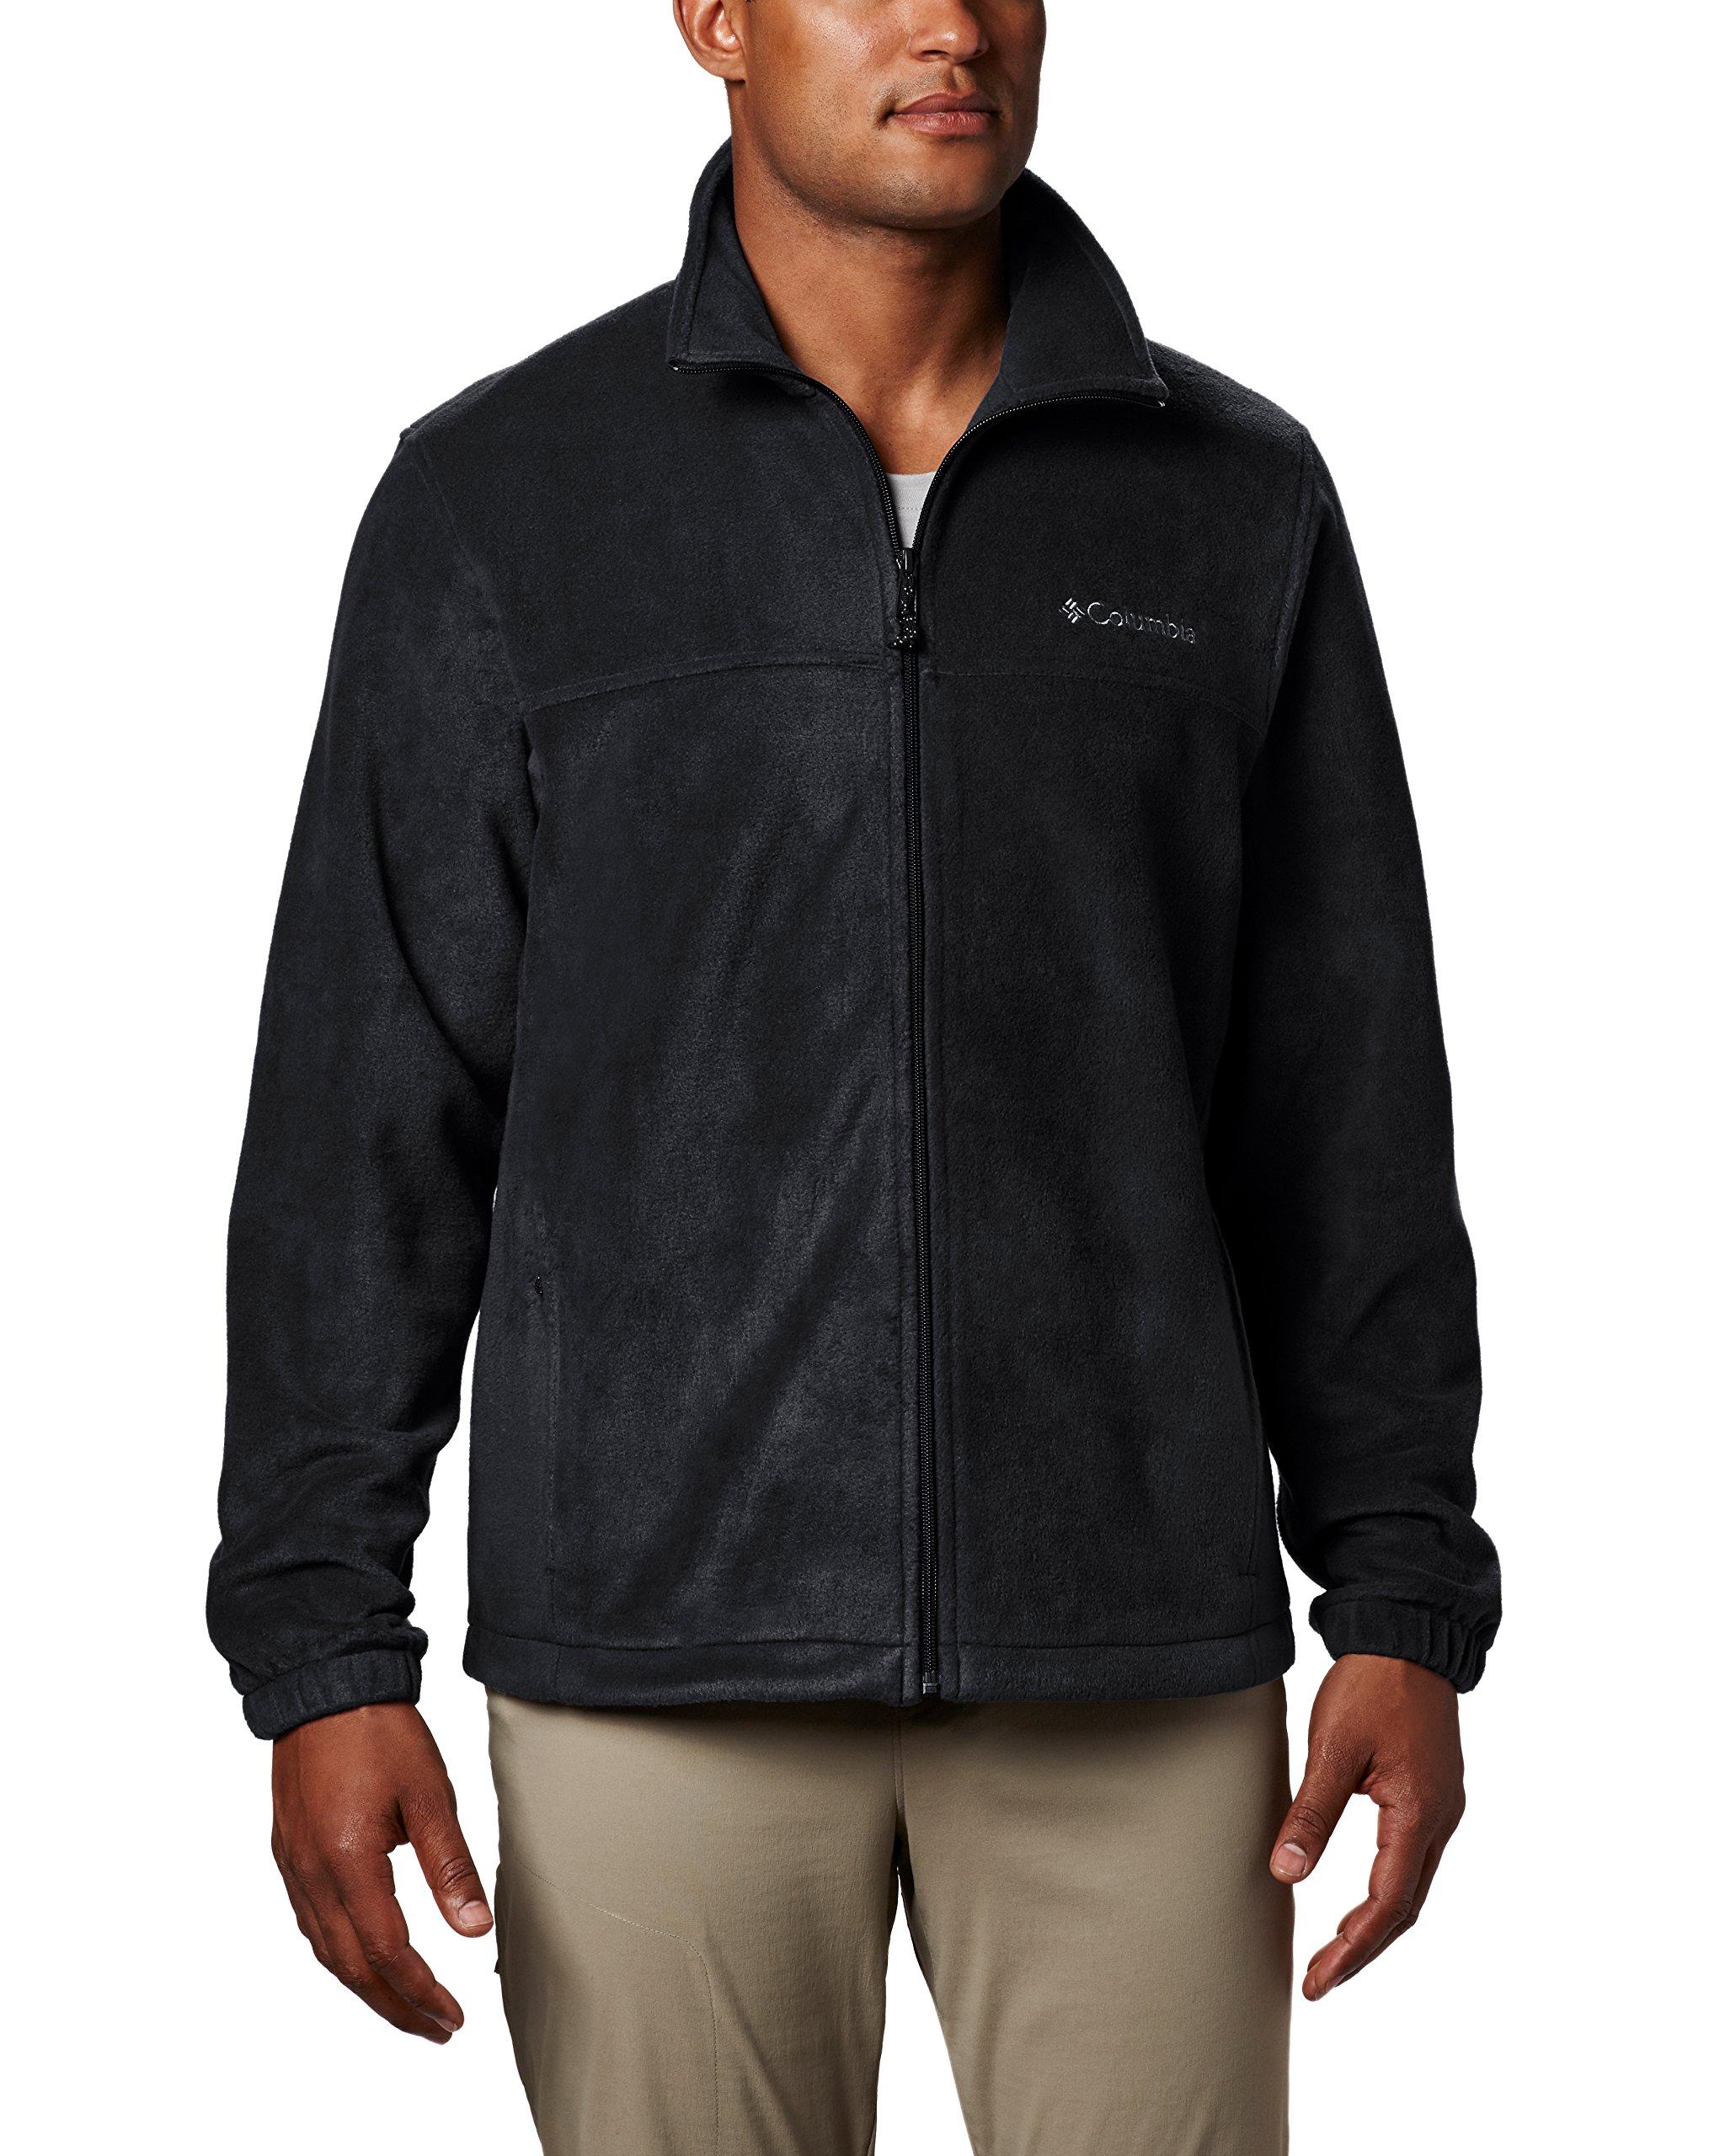 Columbia Men's Steens Mountain Full Zip 2.0 Soft Fleece Jacket, Black, Medium